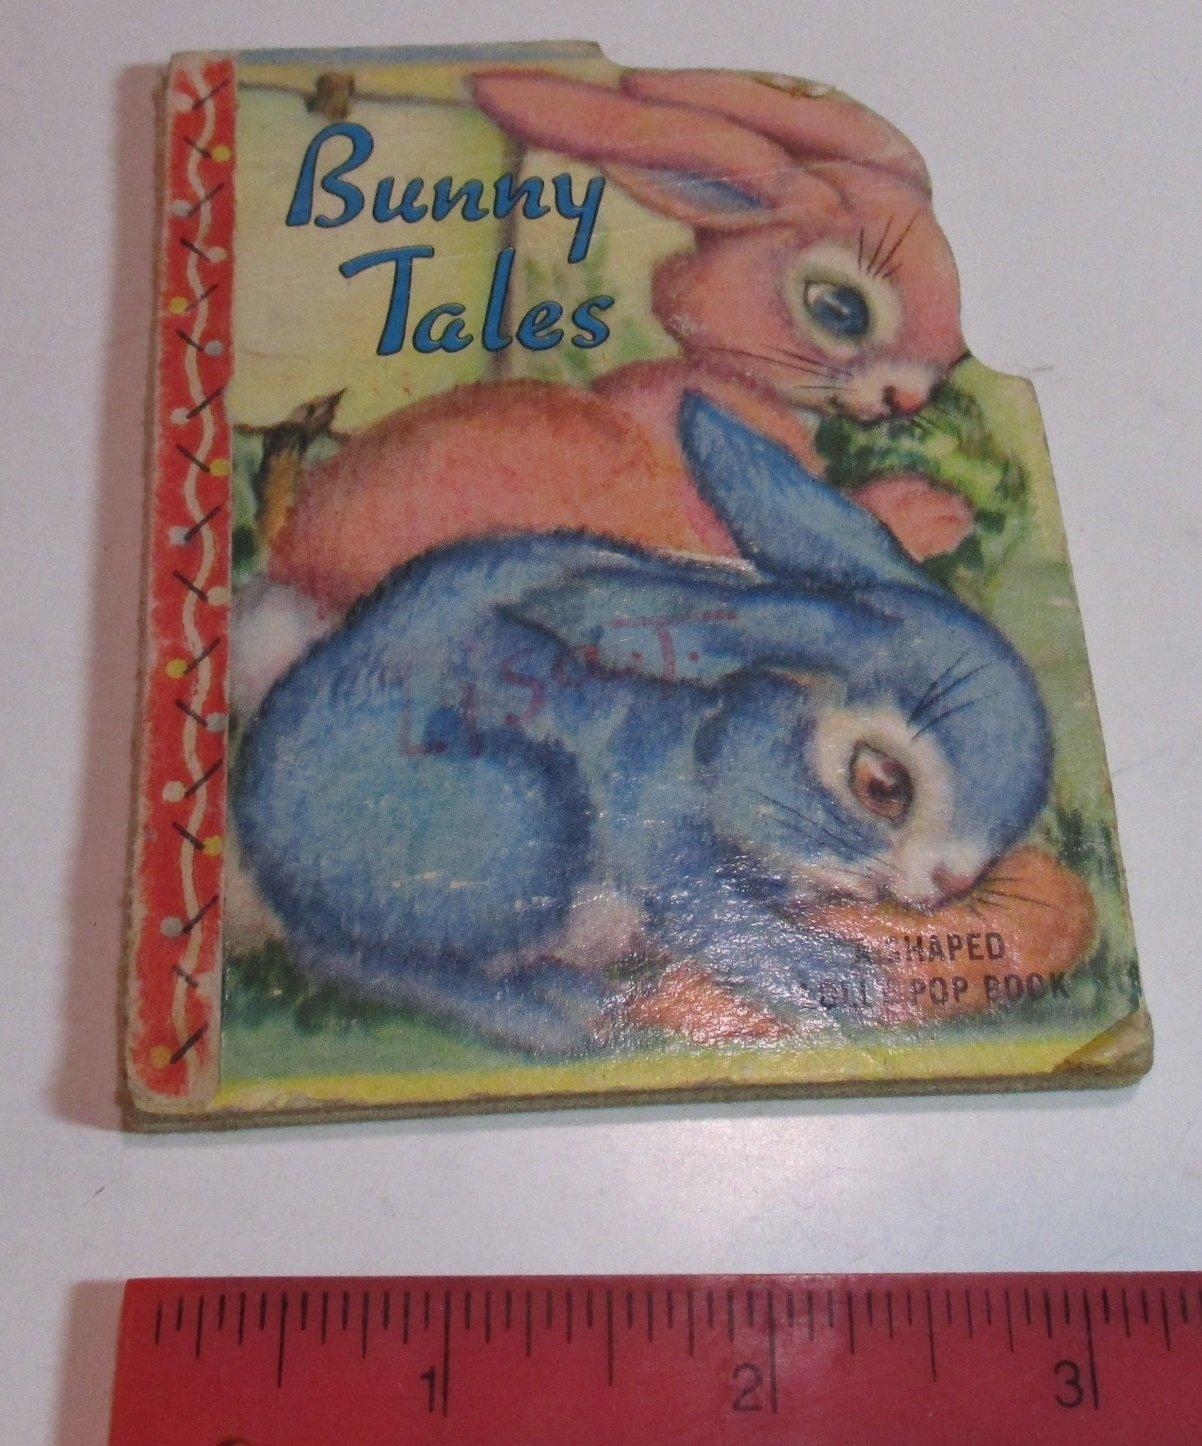 Bunny Tales. A Shaped Lolly Pop Book. Samuel Lowe Co., Kenosha, Wisconsin  1949